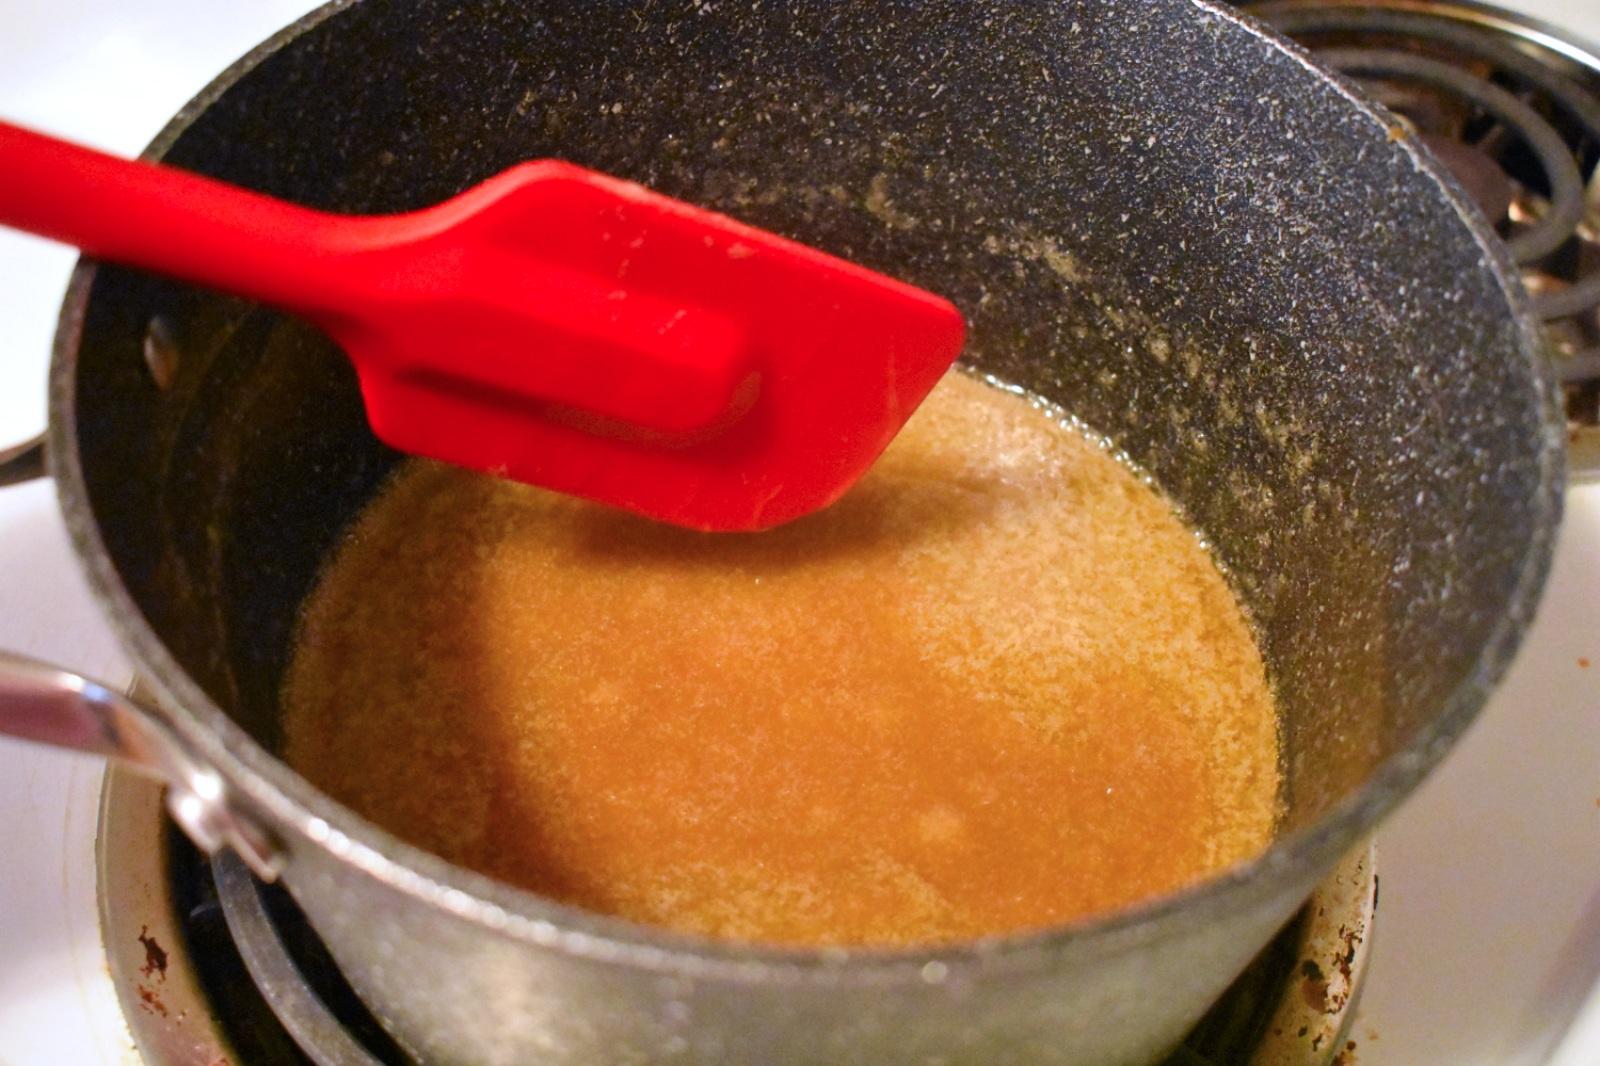 Caramel au café facile - Auboutdelalangue.com (4)